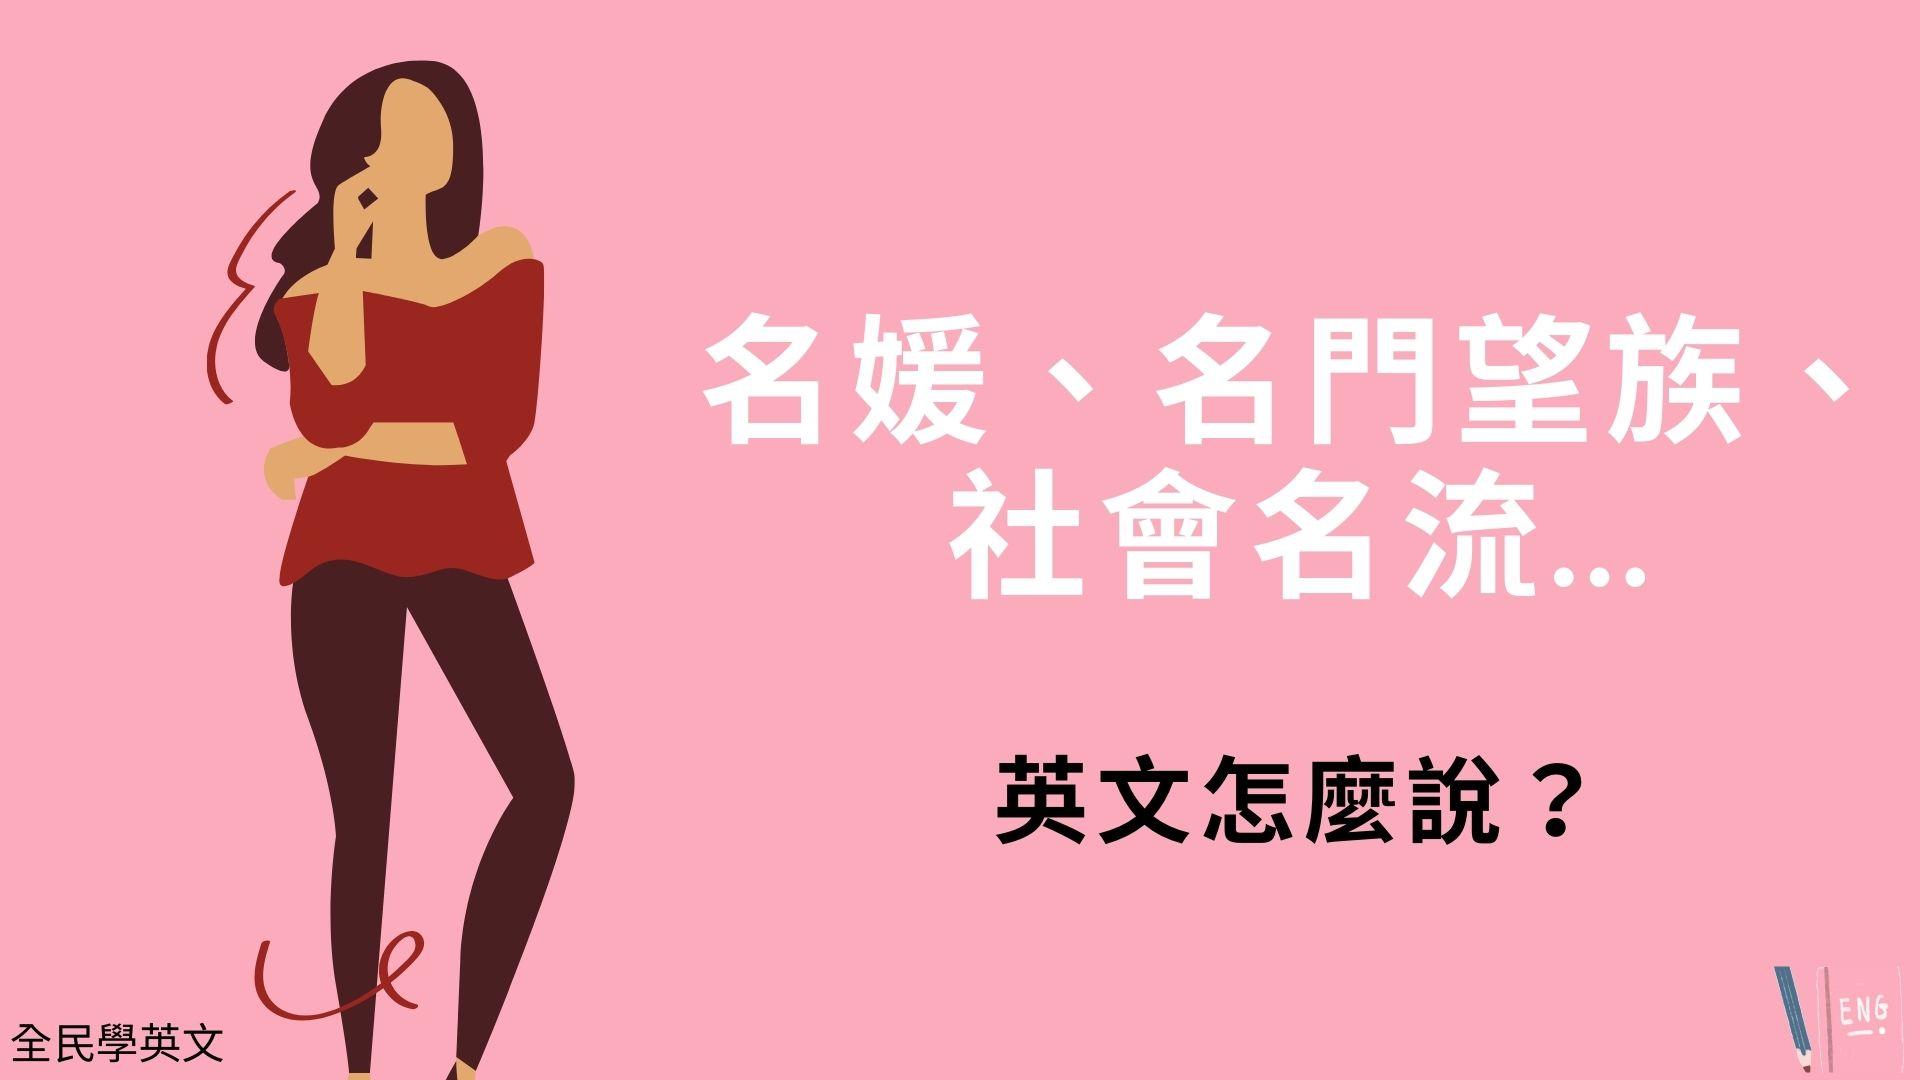 名媛、名門望族、社會名流...英文怎麼說?2種說法看例句搞懂!